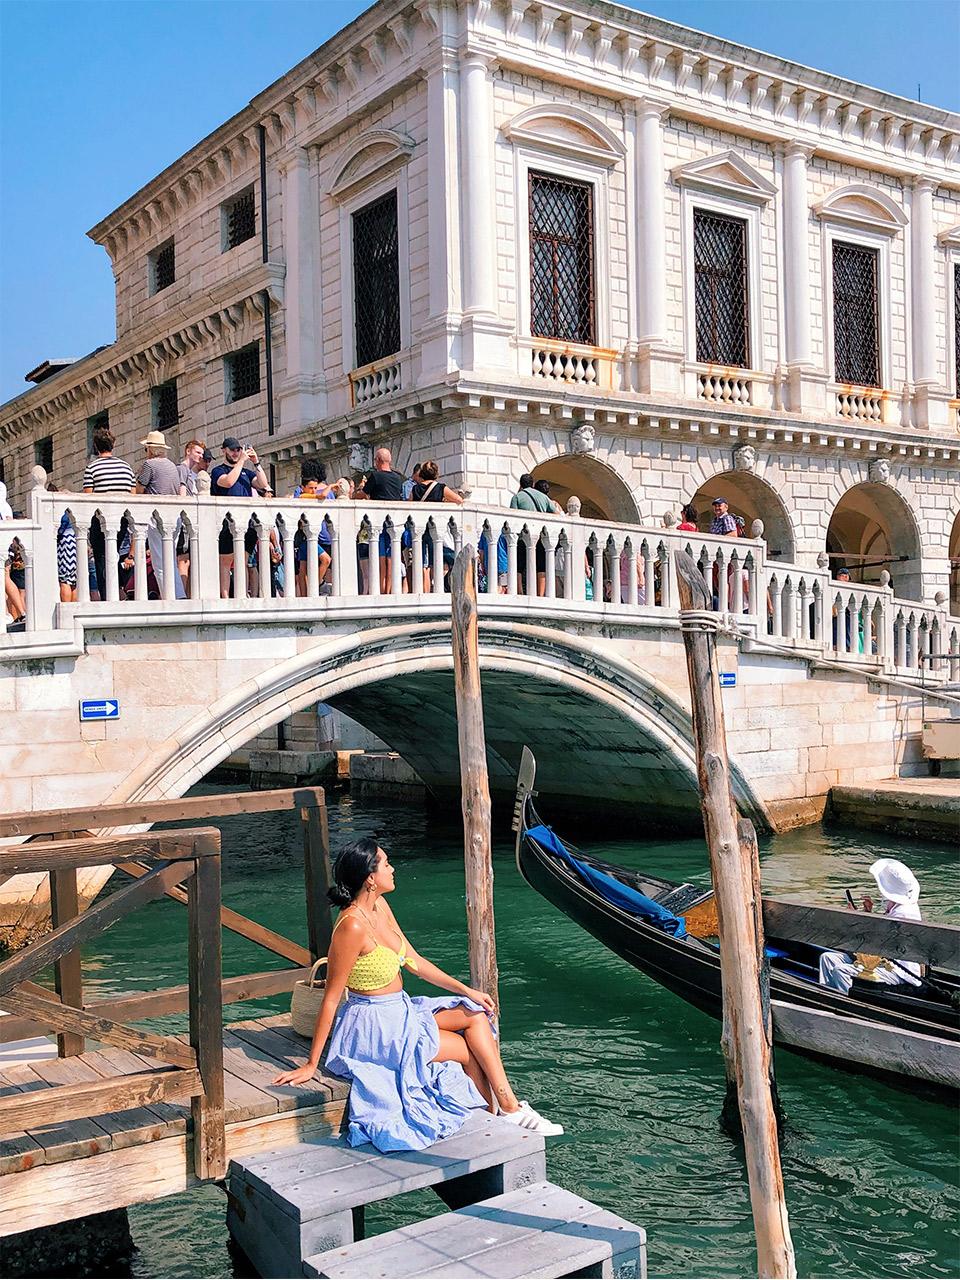 Puente-de-los-Suspiros-en-Venecia,-que-ver-en-Venencia,-tips-para-viajar-a-Venecia